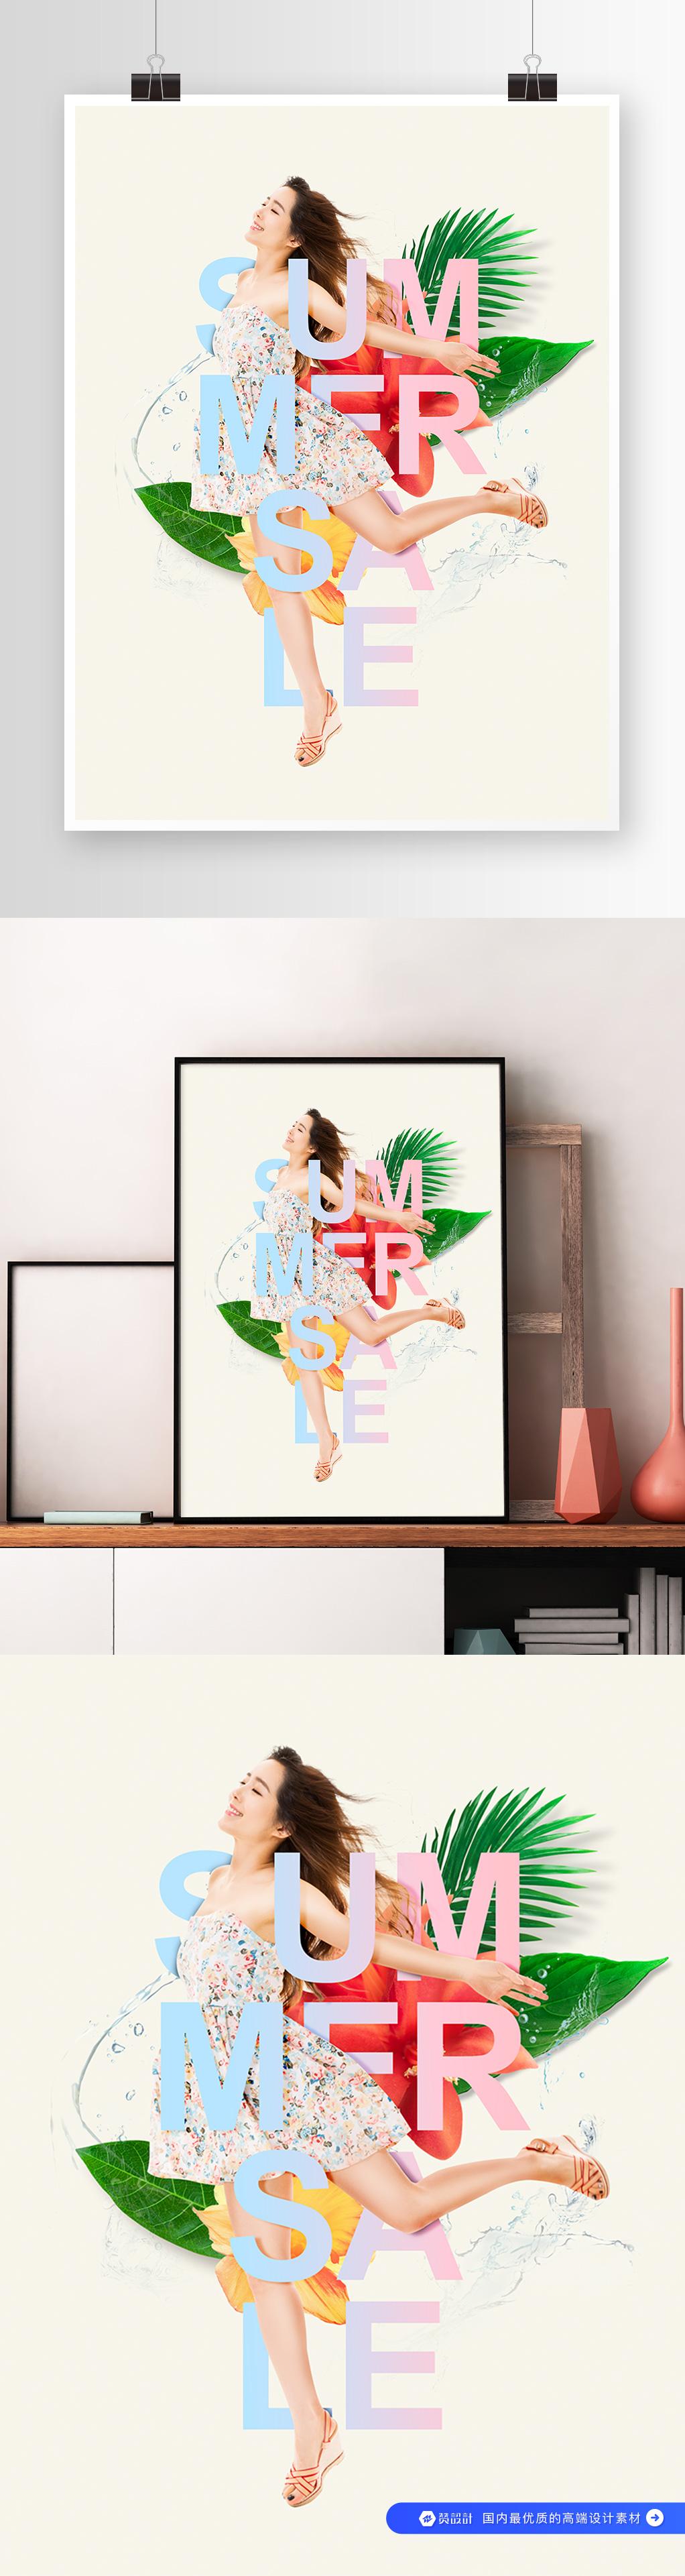 美女 蝴蝶合成海报素材